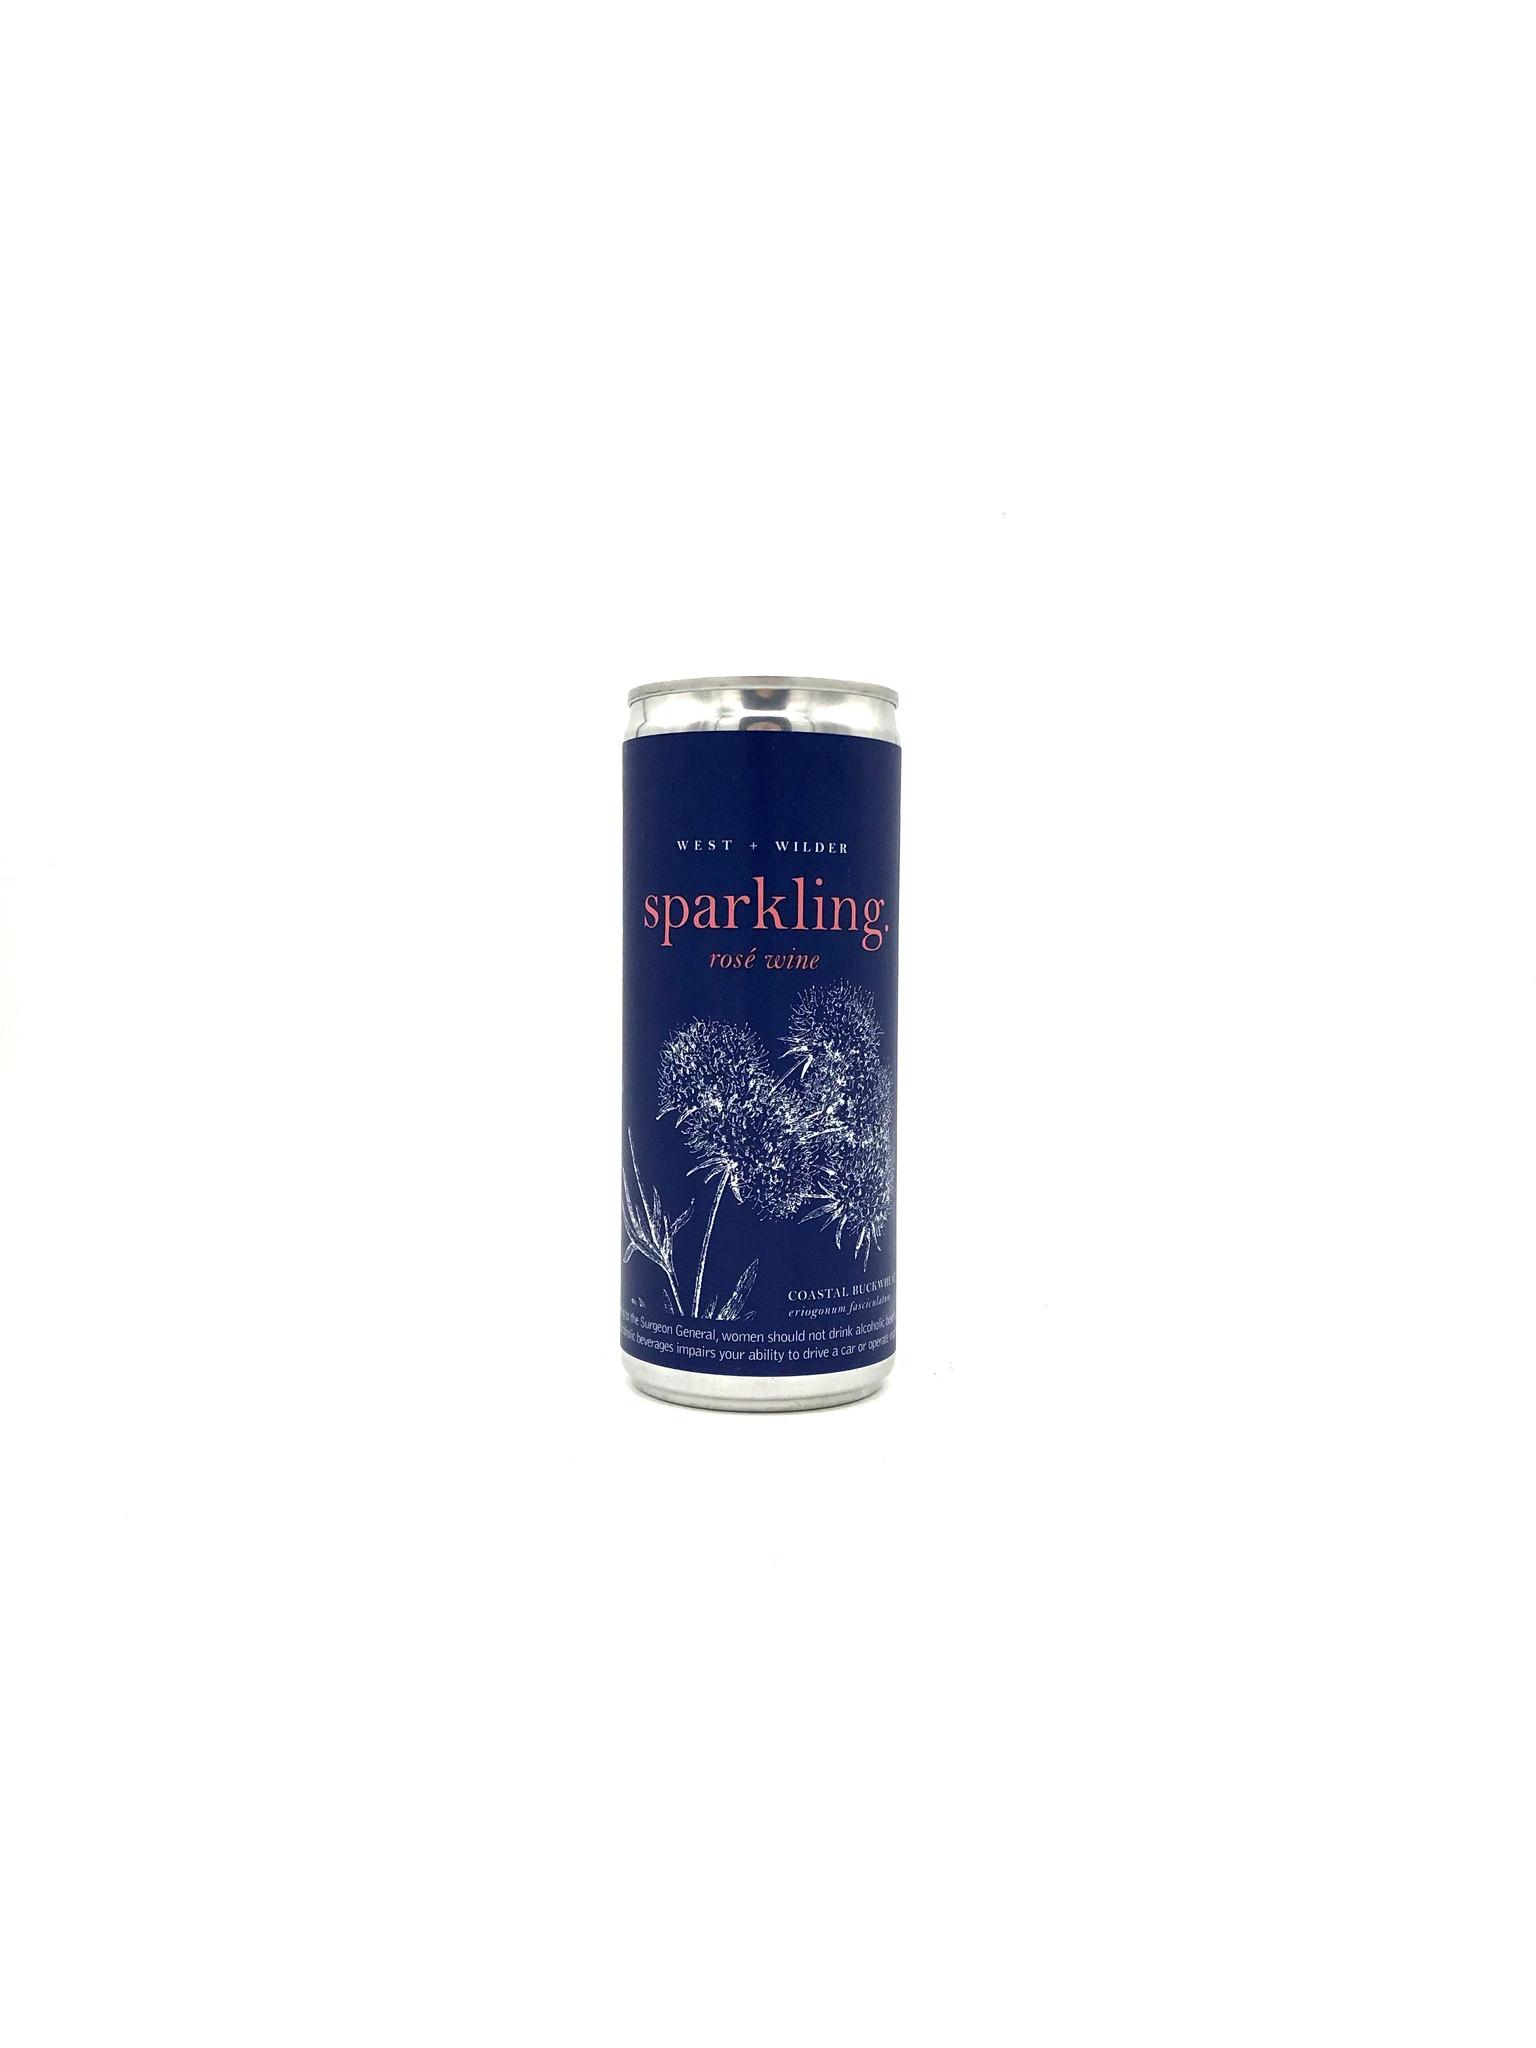 Sparkling Rosé (can) 250ml West + Wilder